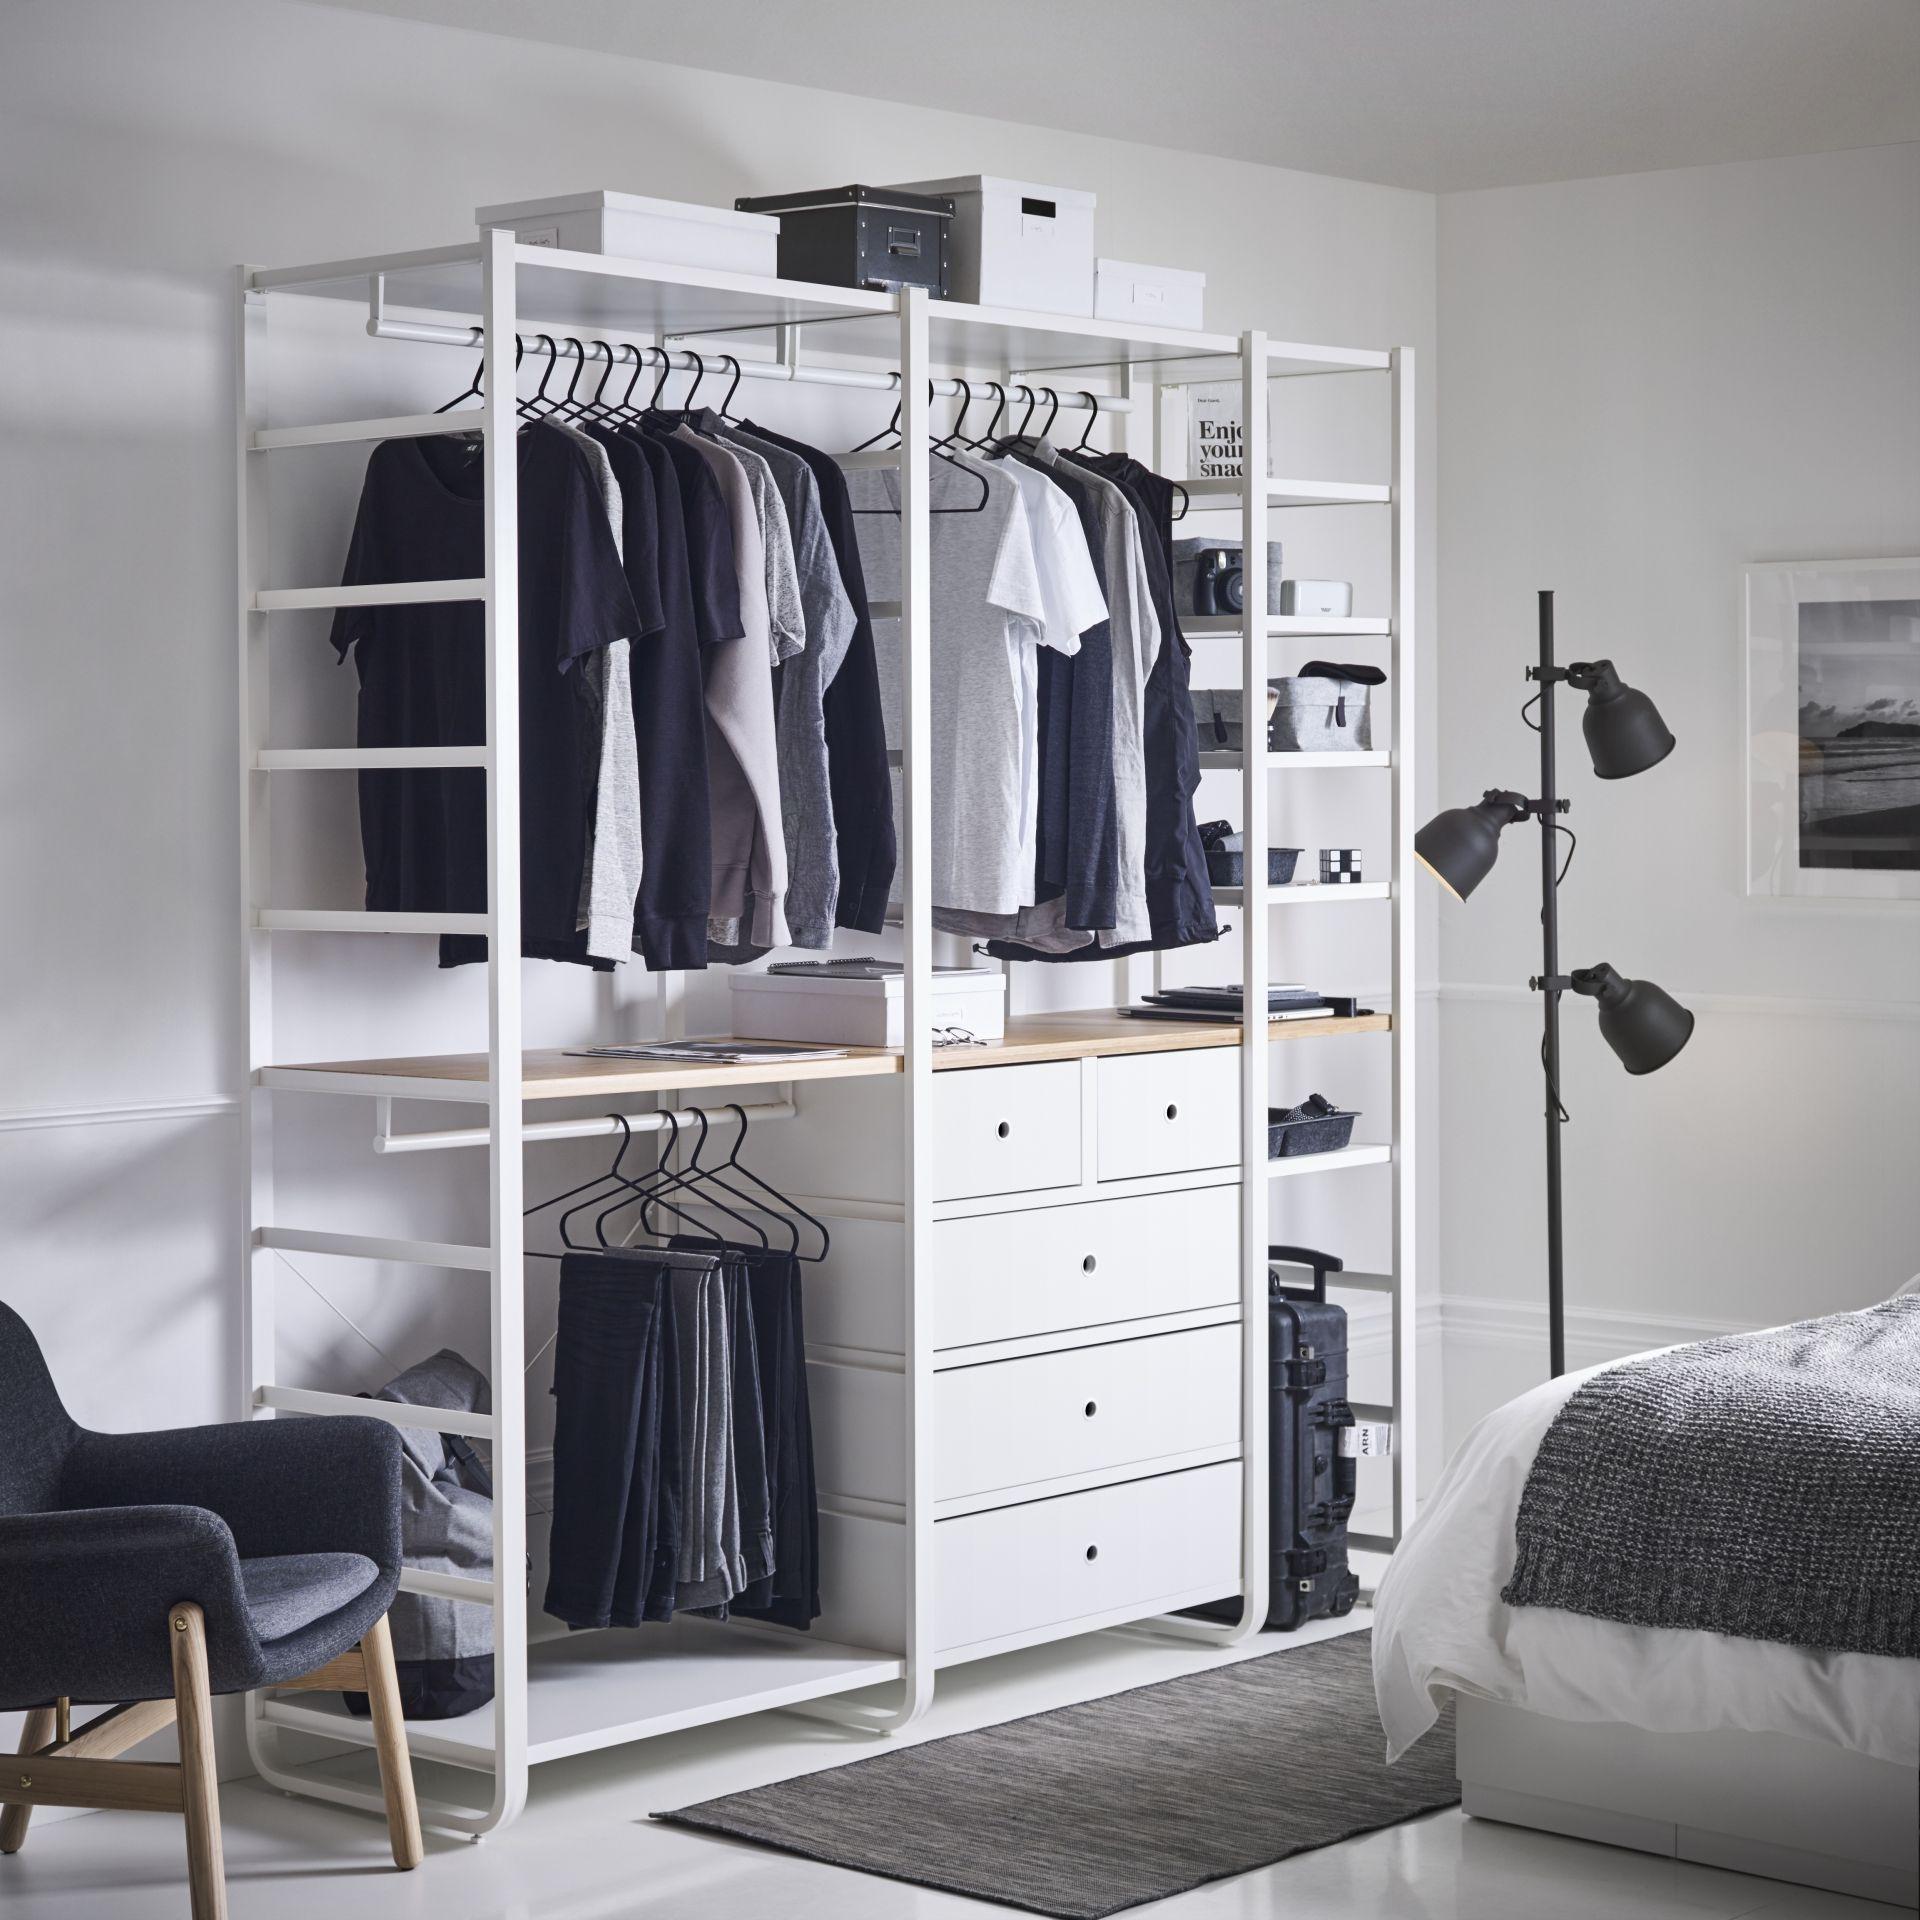 ELVARLI combinatie | IKEA IKEAnl IKEAnederland kast kledingkast ...